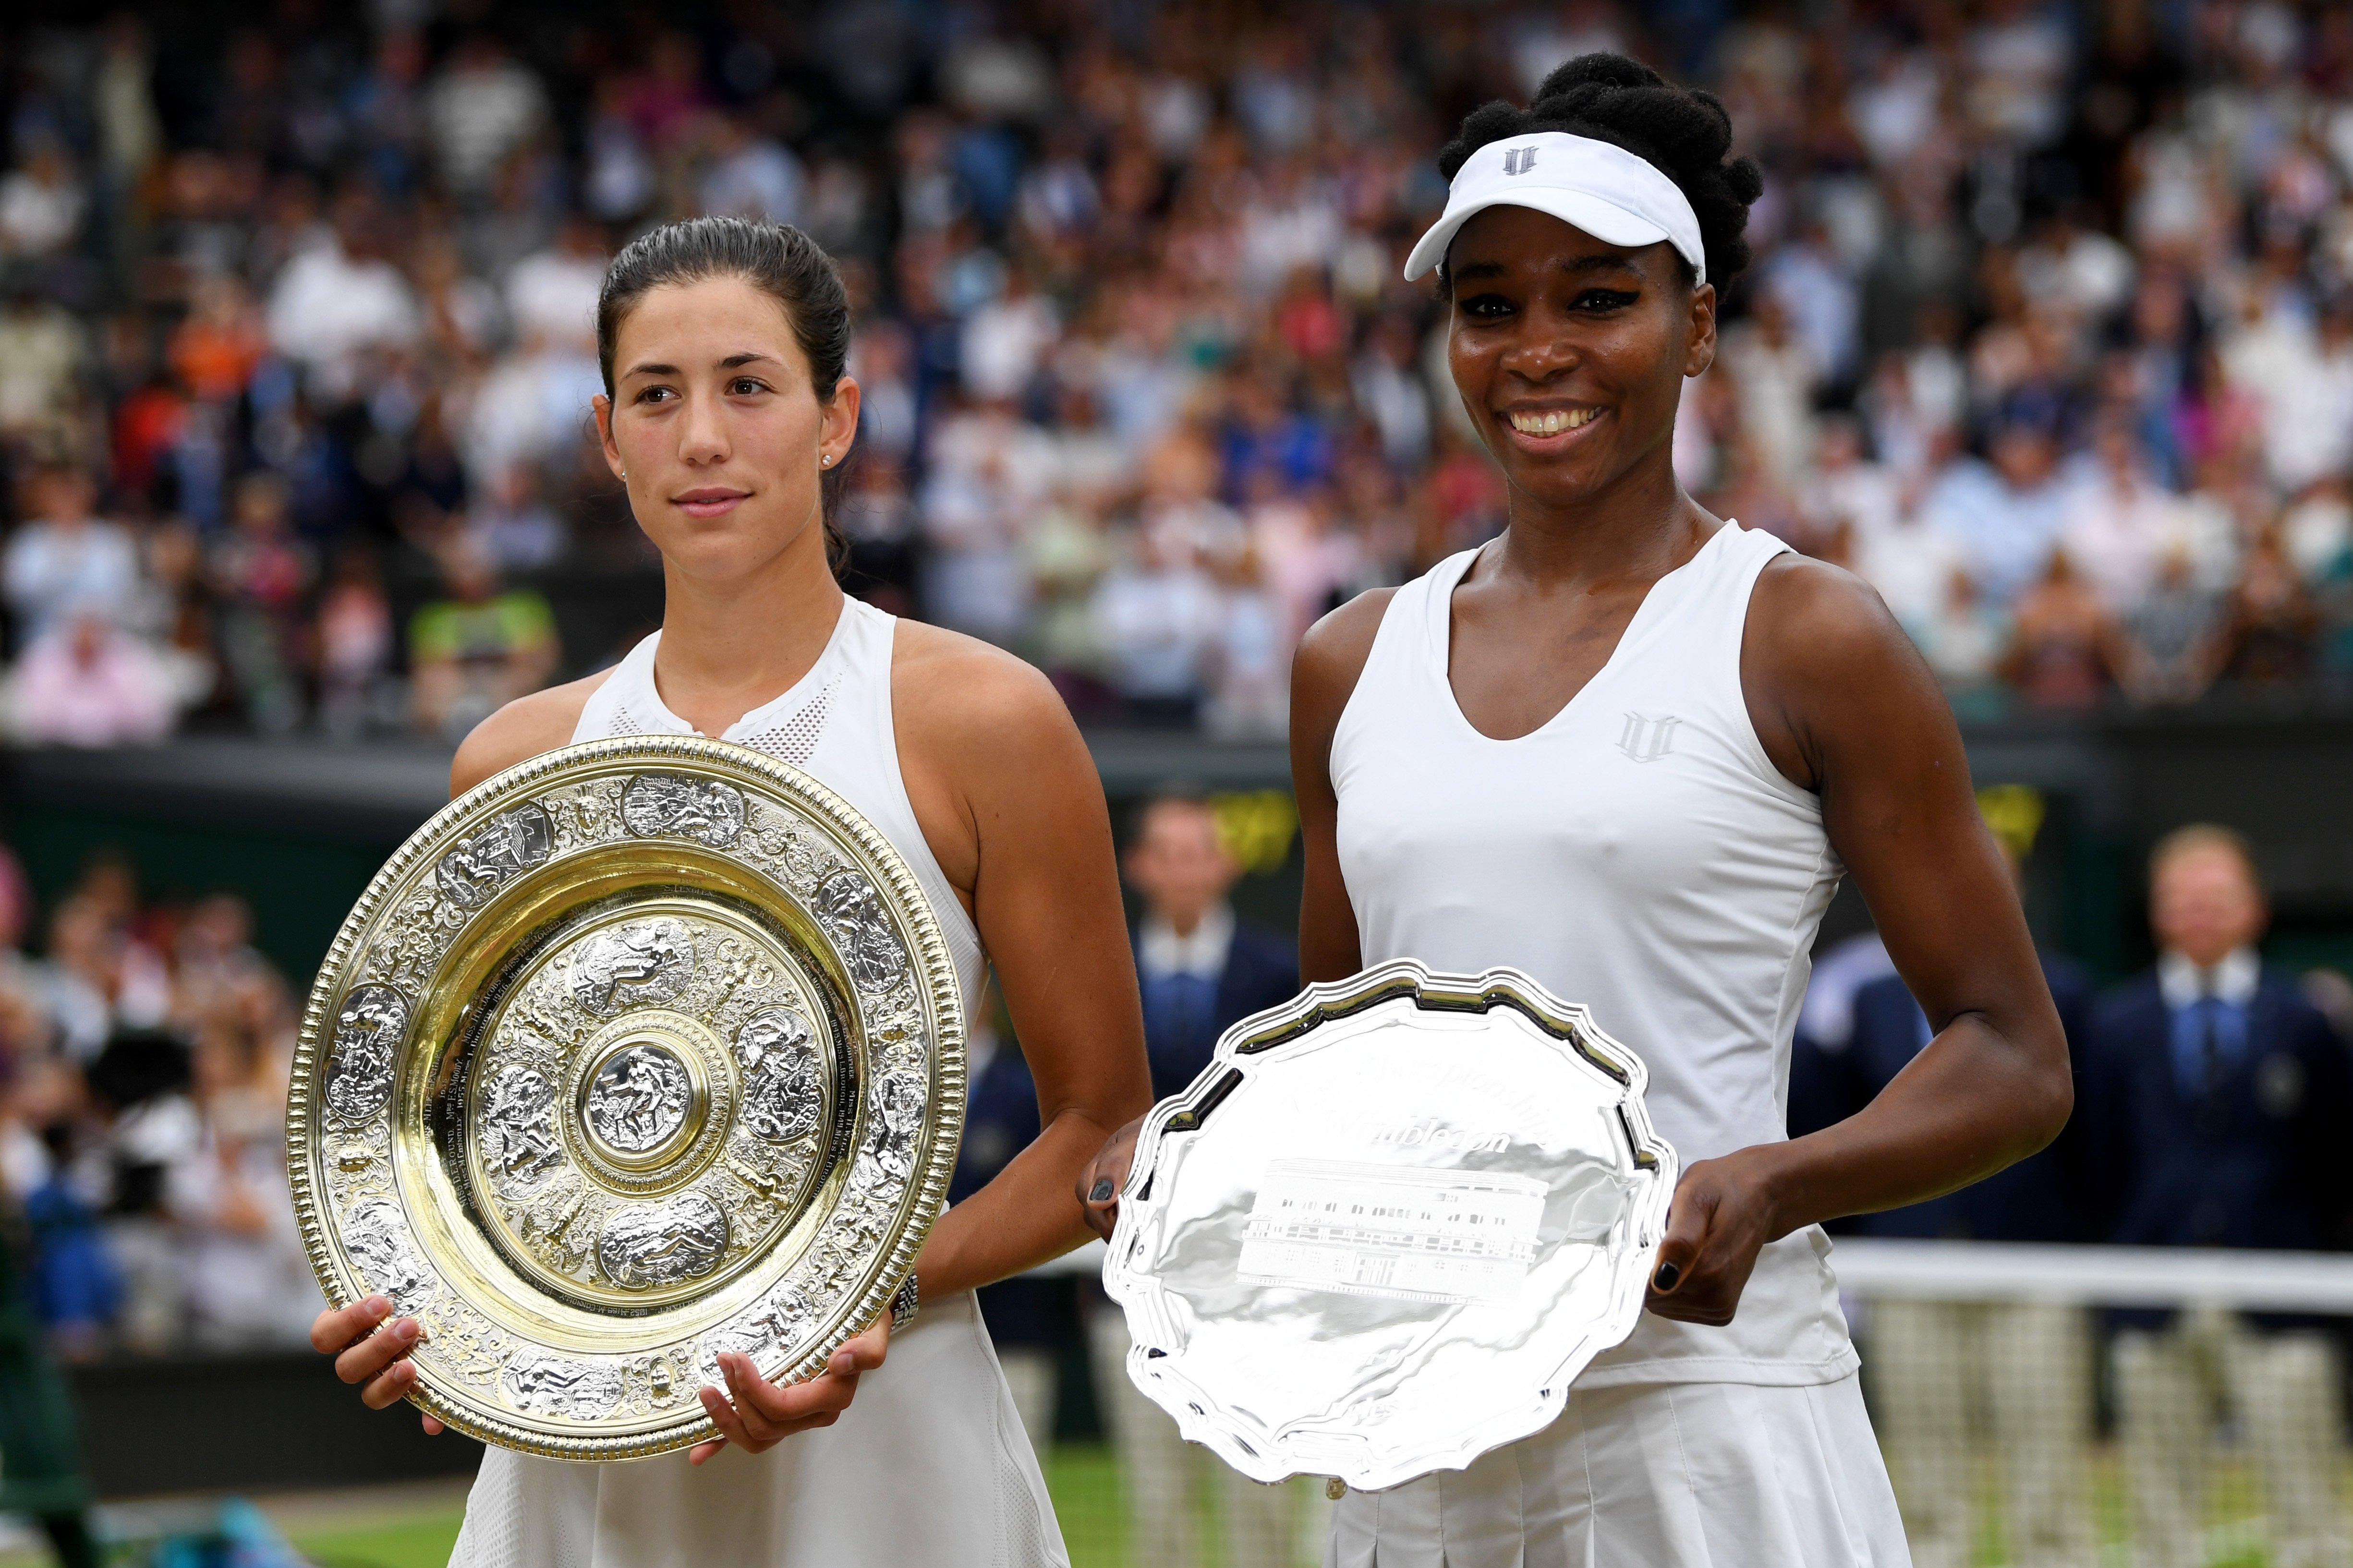 Venus Williams After Wimbledon Loss: 'I Tried My Best'